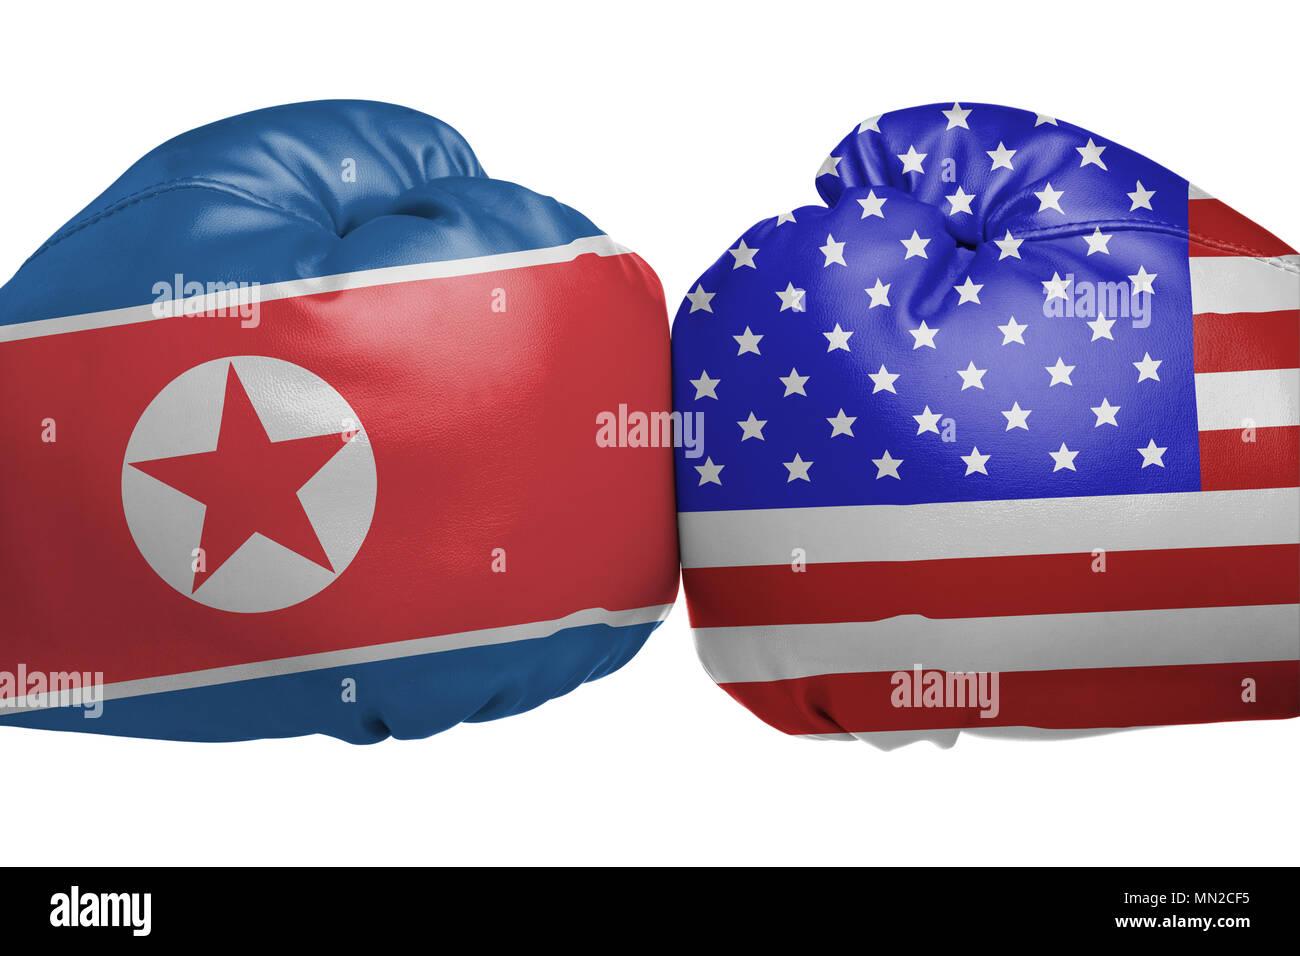 Nahaufnahme der Boxhandschuhe mit Nordkorea und die Vereinigten Staaten Flagge Symbole auf weißem Hintergrund Stockbild